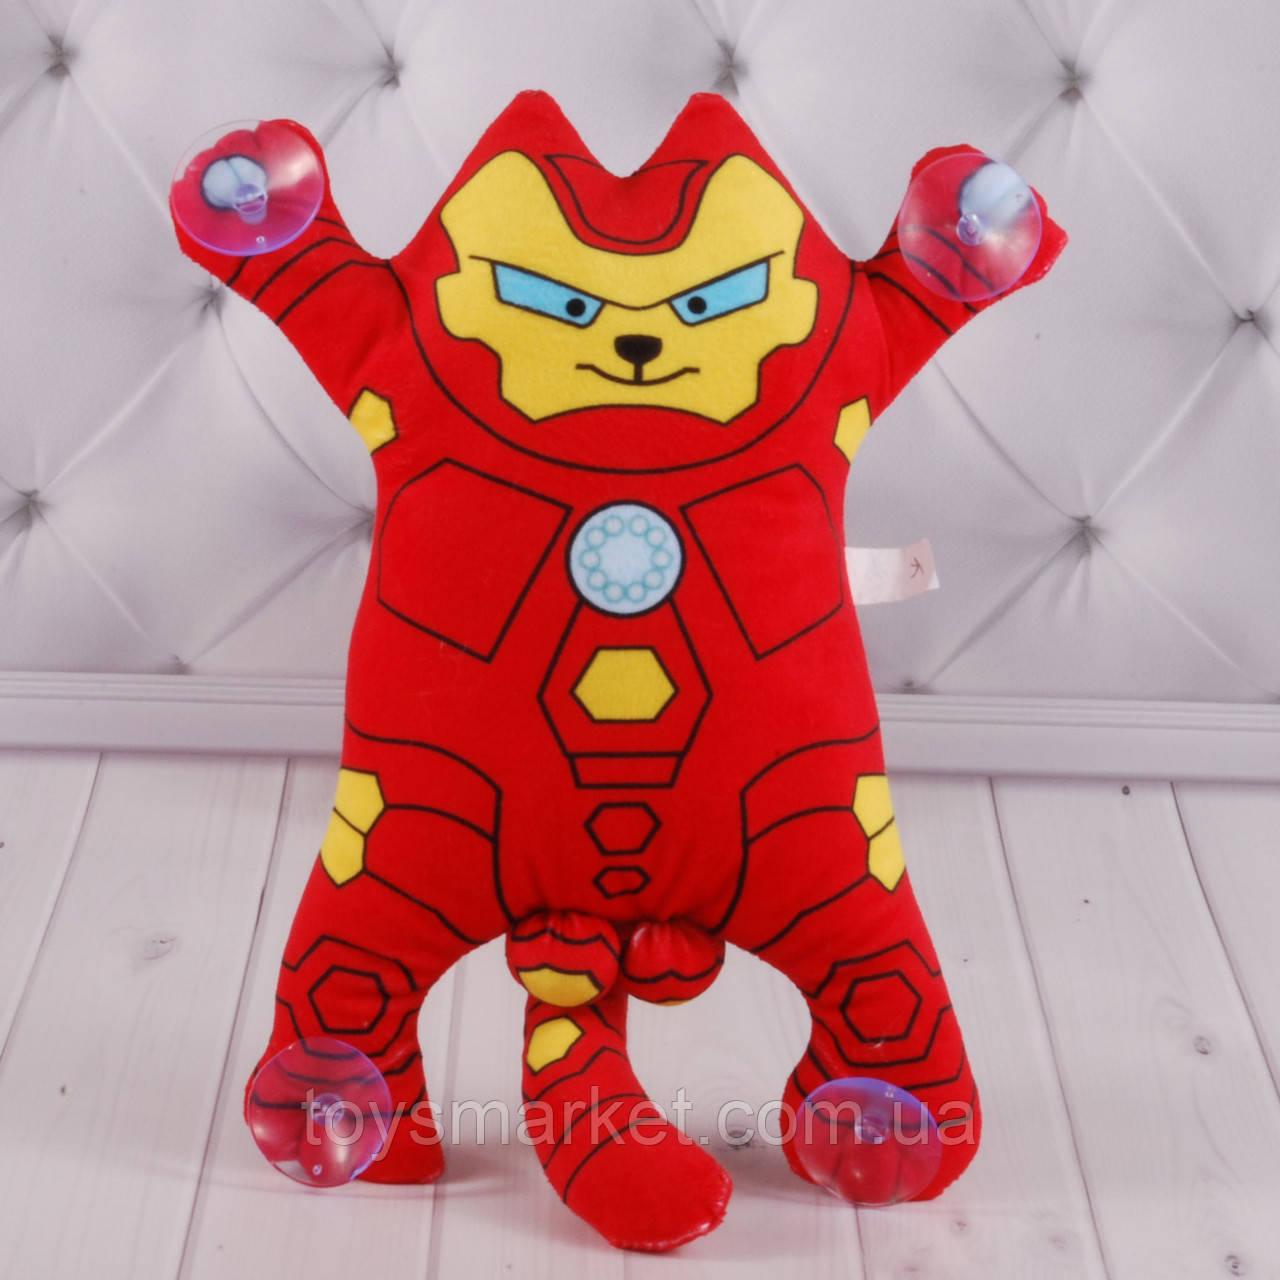 """Мягкая игрушка кот Саймона, Железный человек, """"Simon's Cat"""", игрушка кот на присосках, 30 см."""